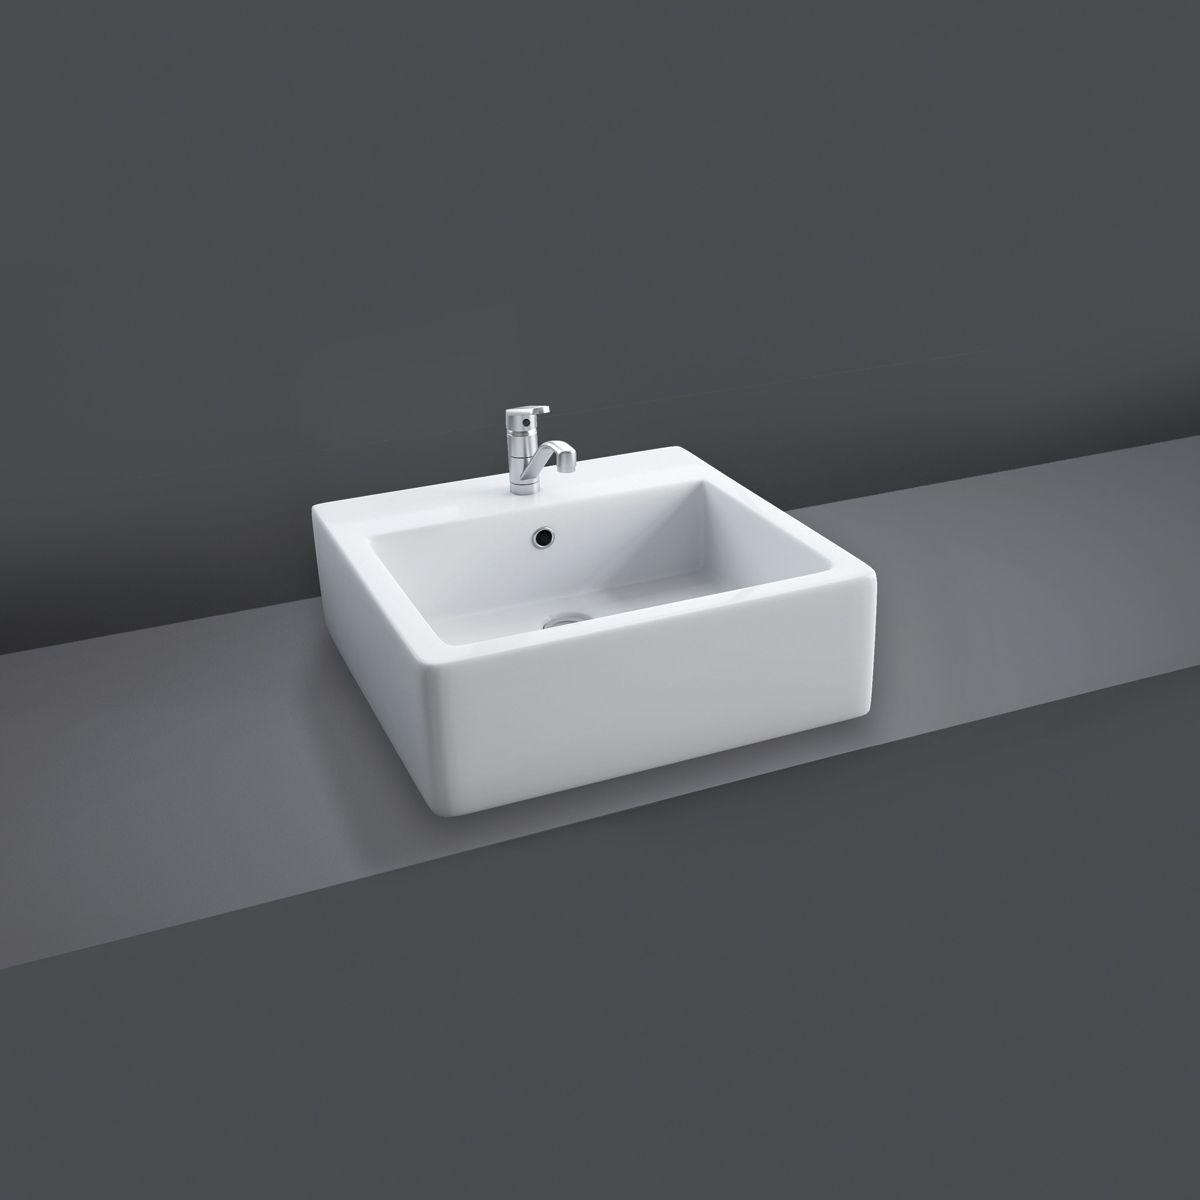 RAK Nova Mini 1 Tap Hole Basin